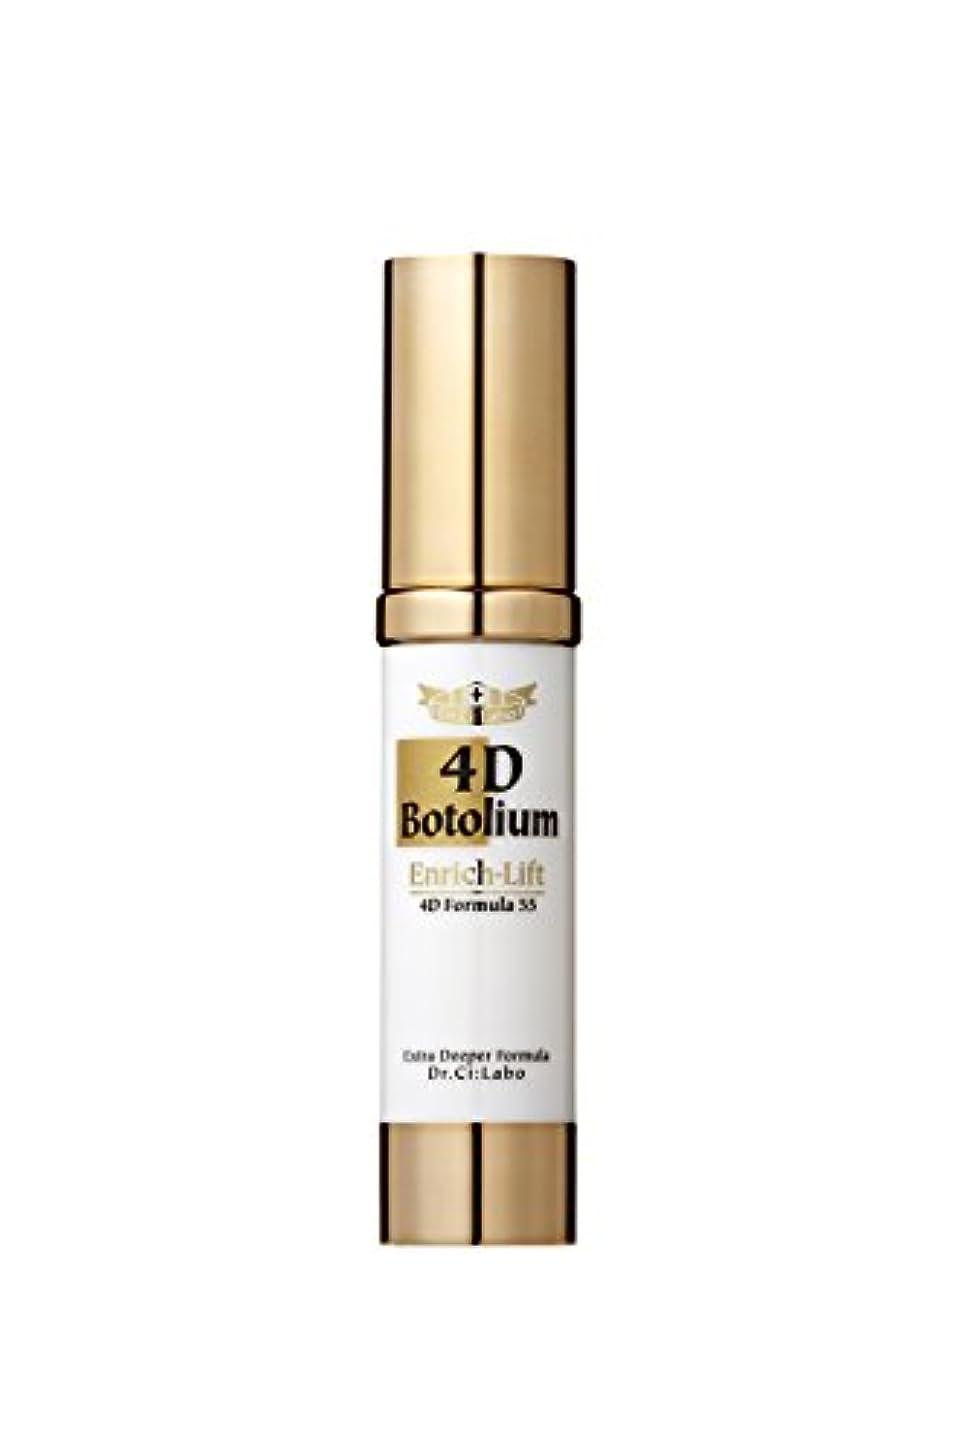 してはいけません固有の期限切れドクターシーラボ 4Dボトリウム エンリッチ リフト 美容液 18g